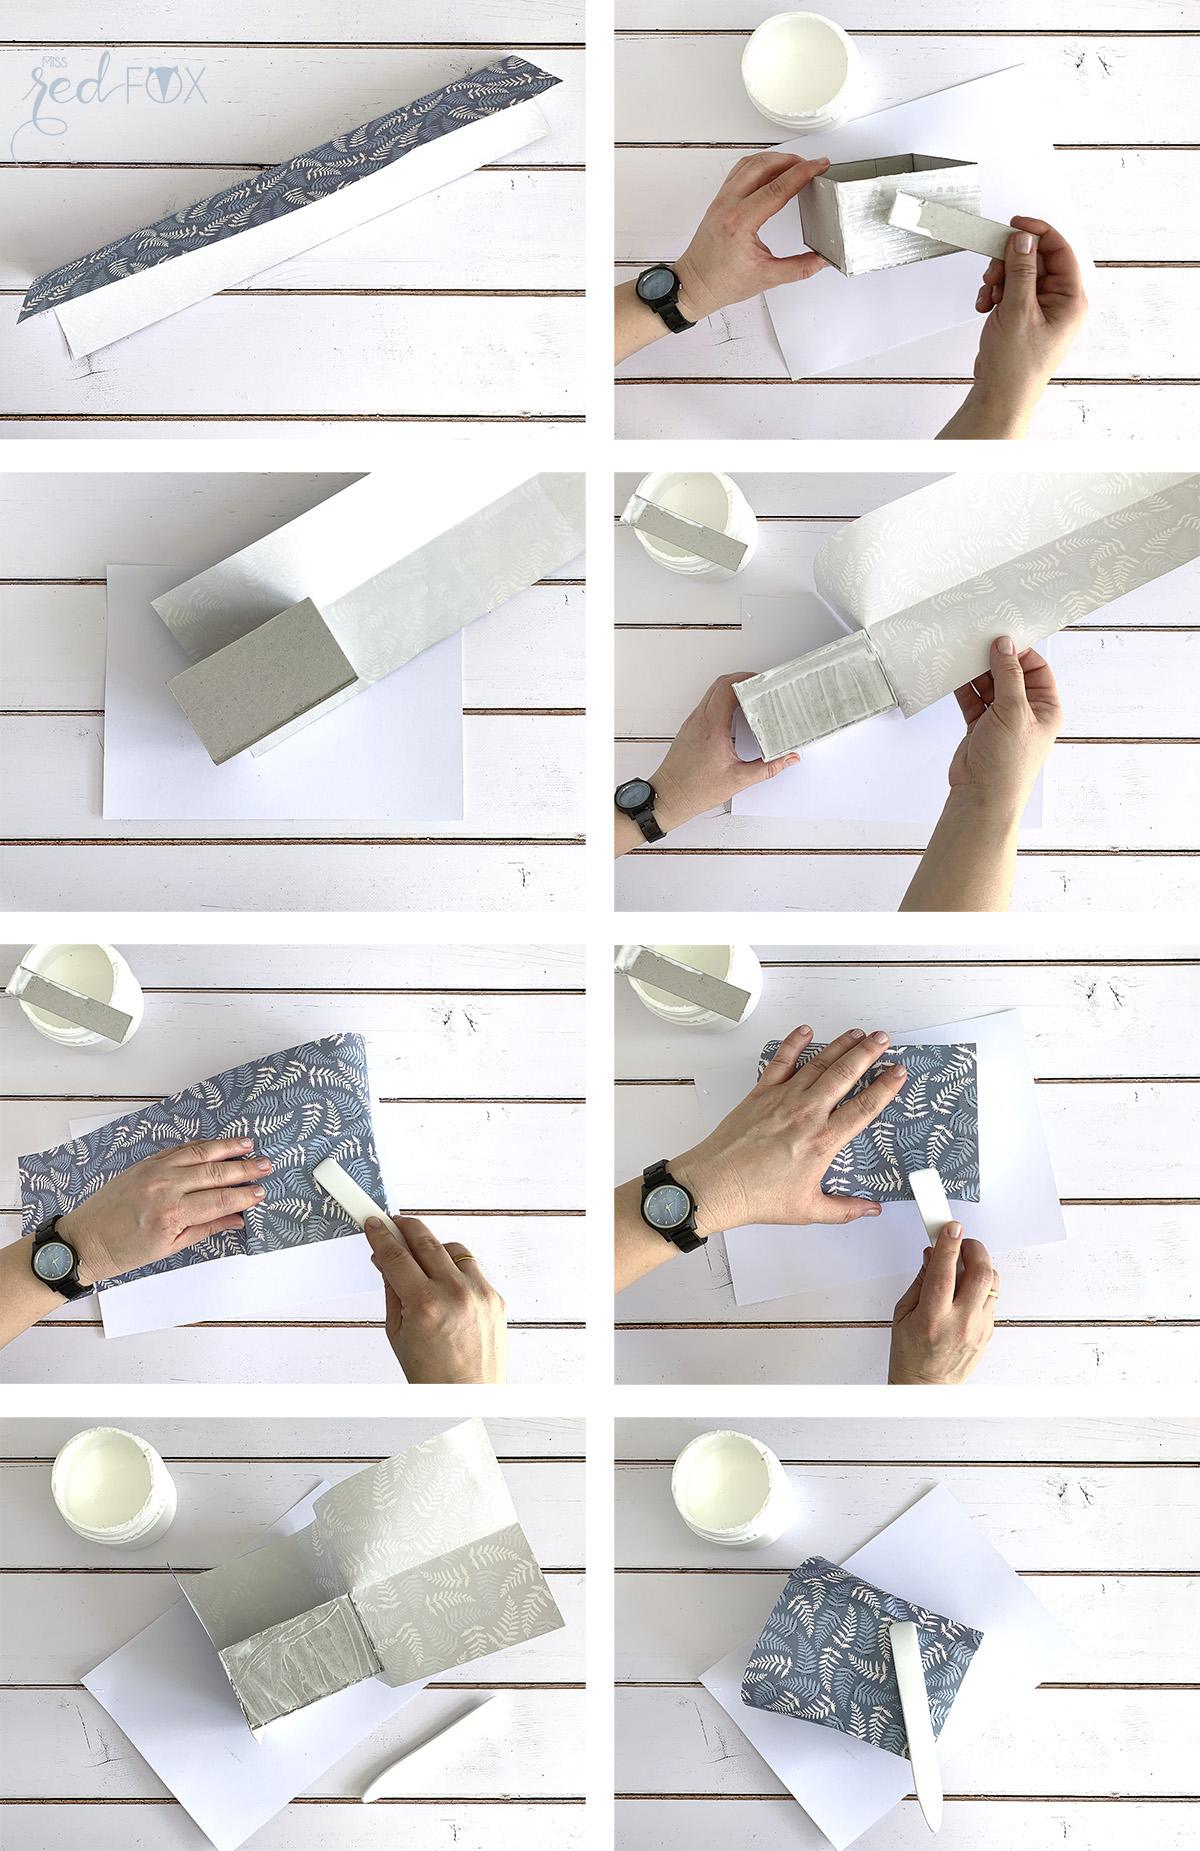 missredfox - Holzkern - Big Sur Uhr - DIY Geschenkbox Schachtel - 07